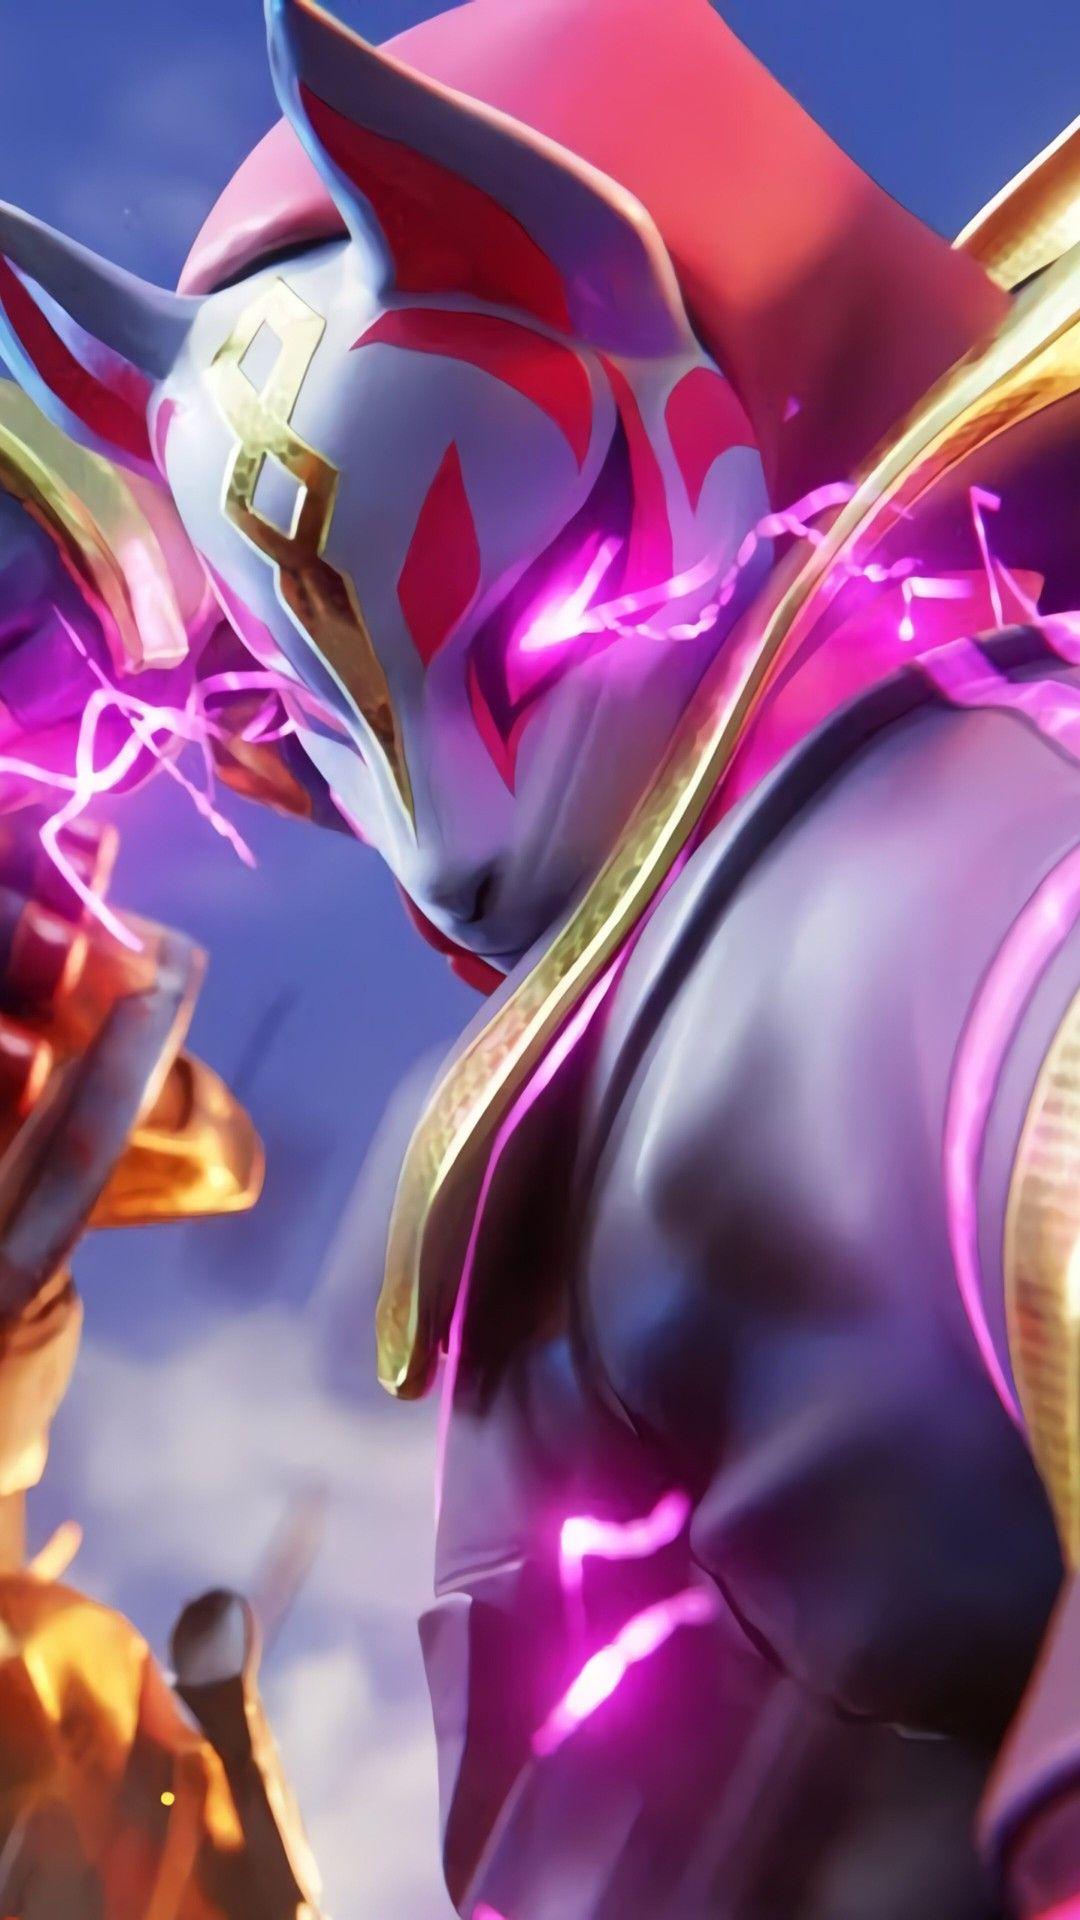 FortniteDrift in 2020 Gaming wallpapers, Best gaming